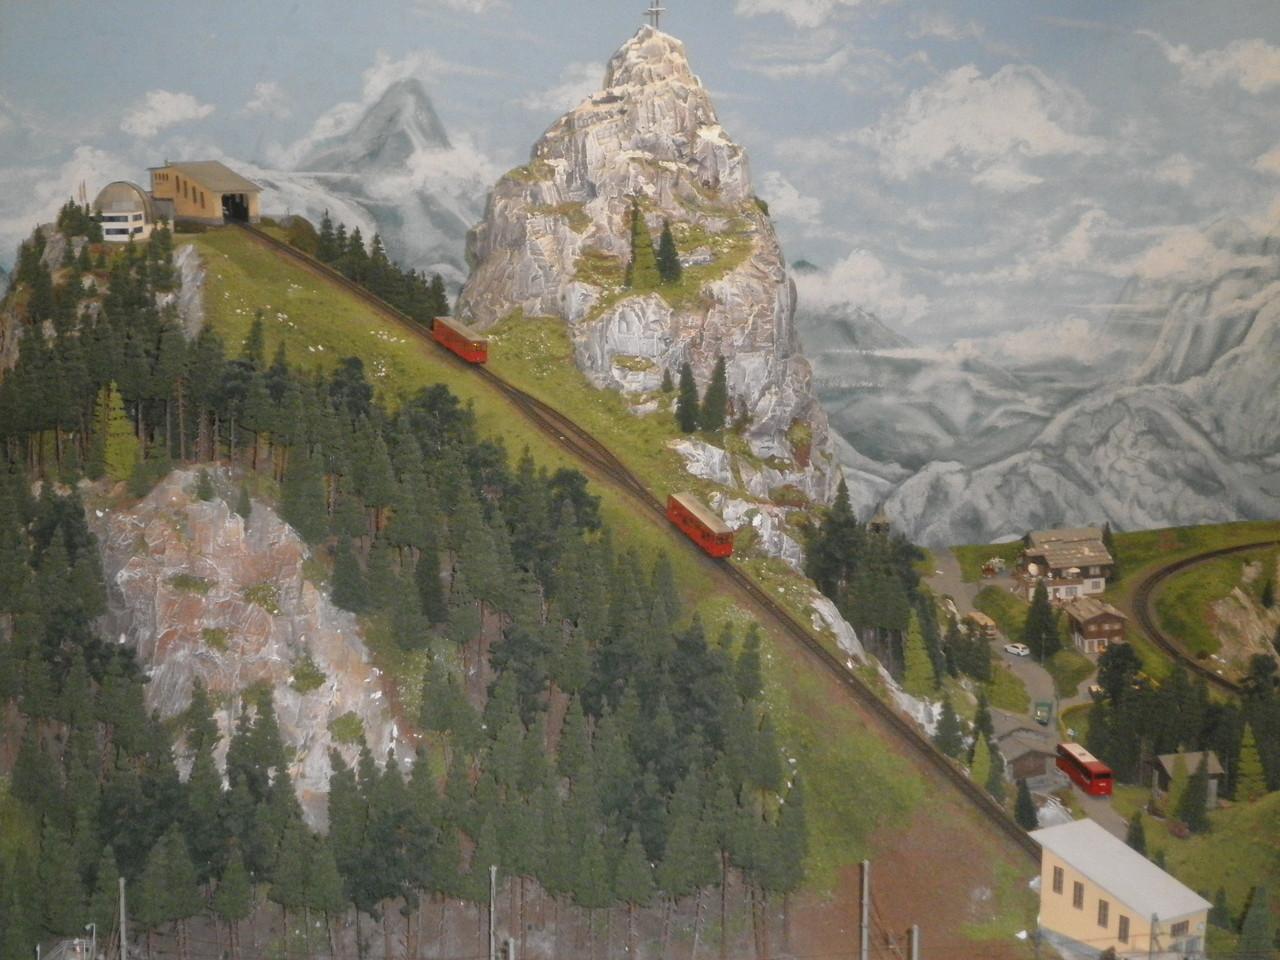 Speicherstadt Miniatur Wunderland